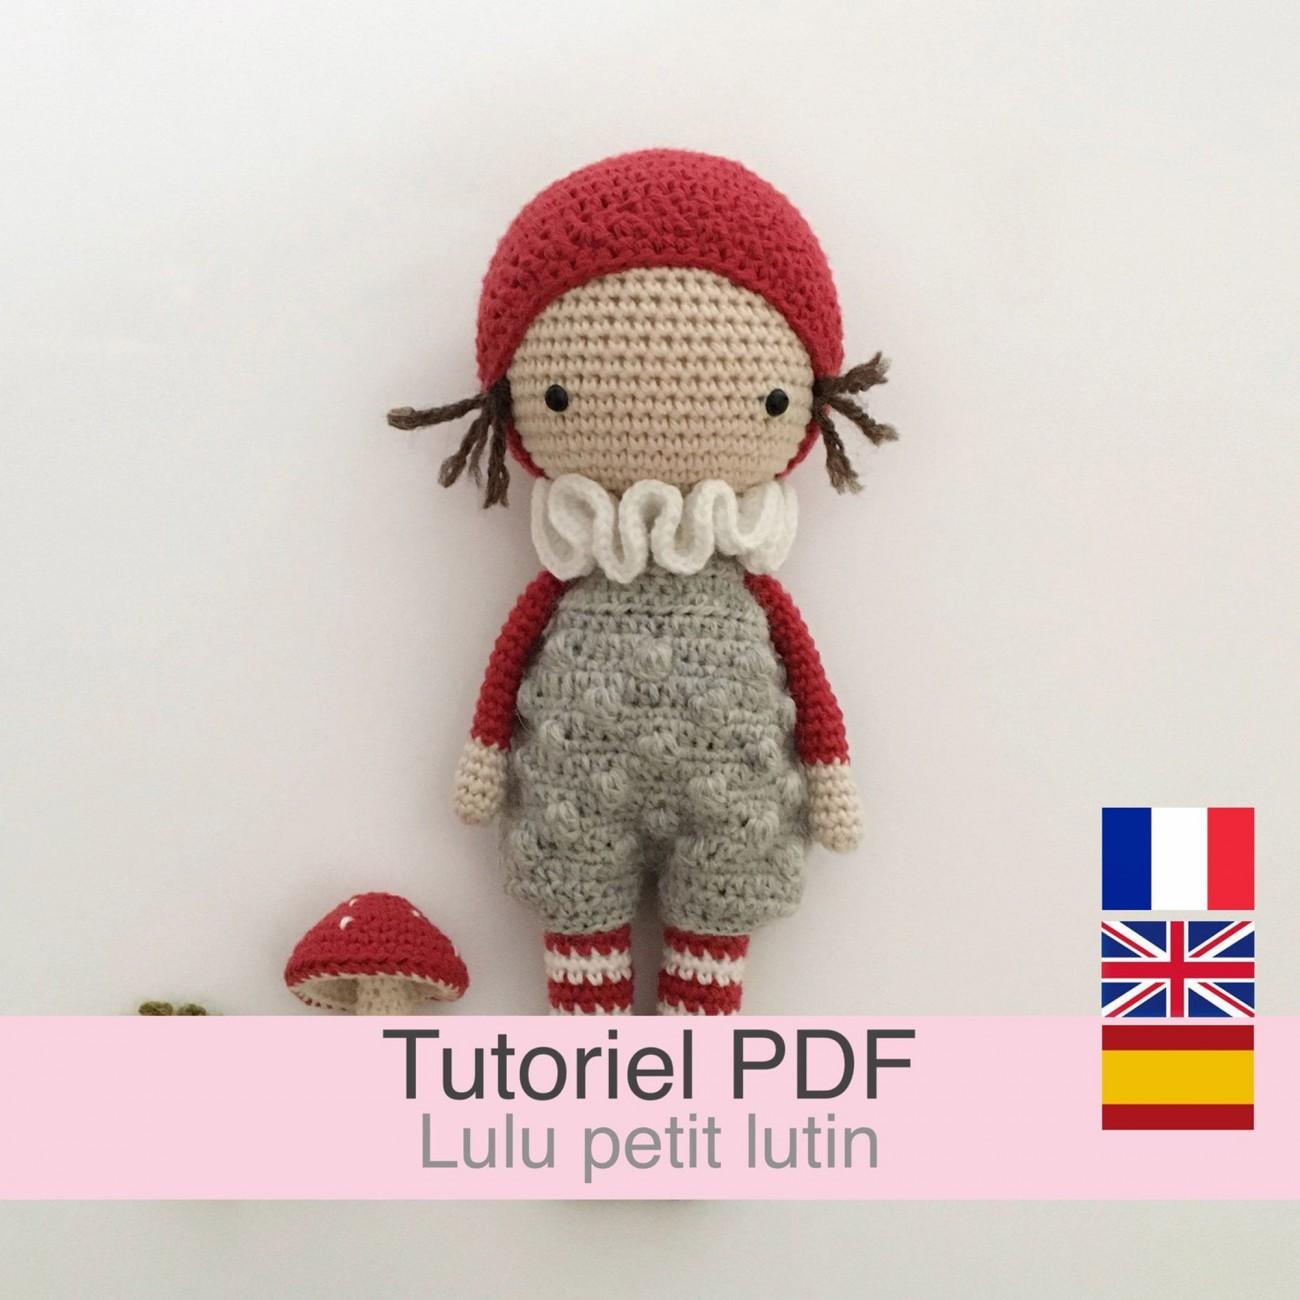 Tutoriel PDF Lulu petit lutin